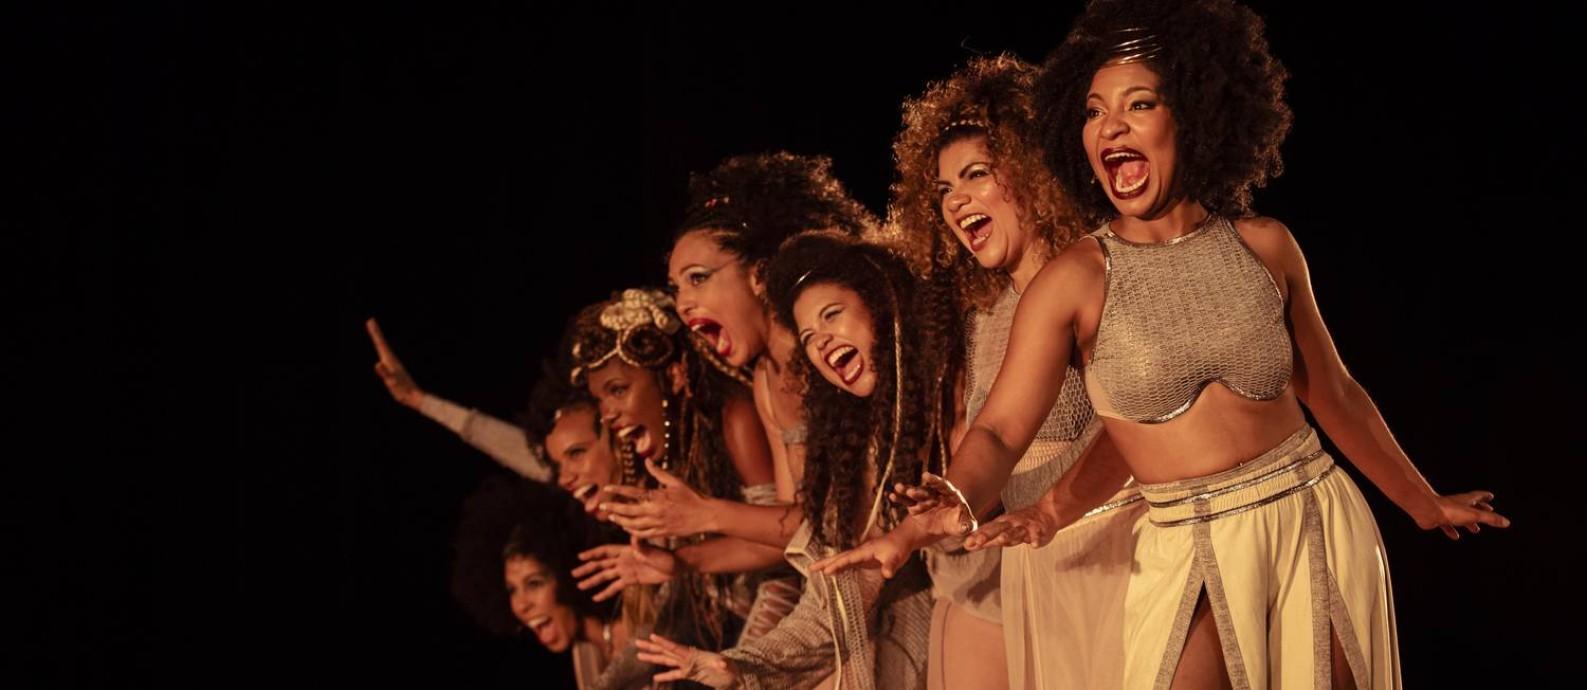 Cena do musical 'Elza' Foto: Leo Martins / Agência O Globo